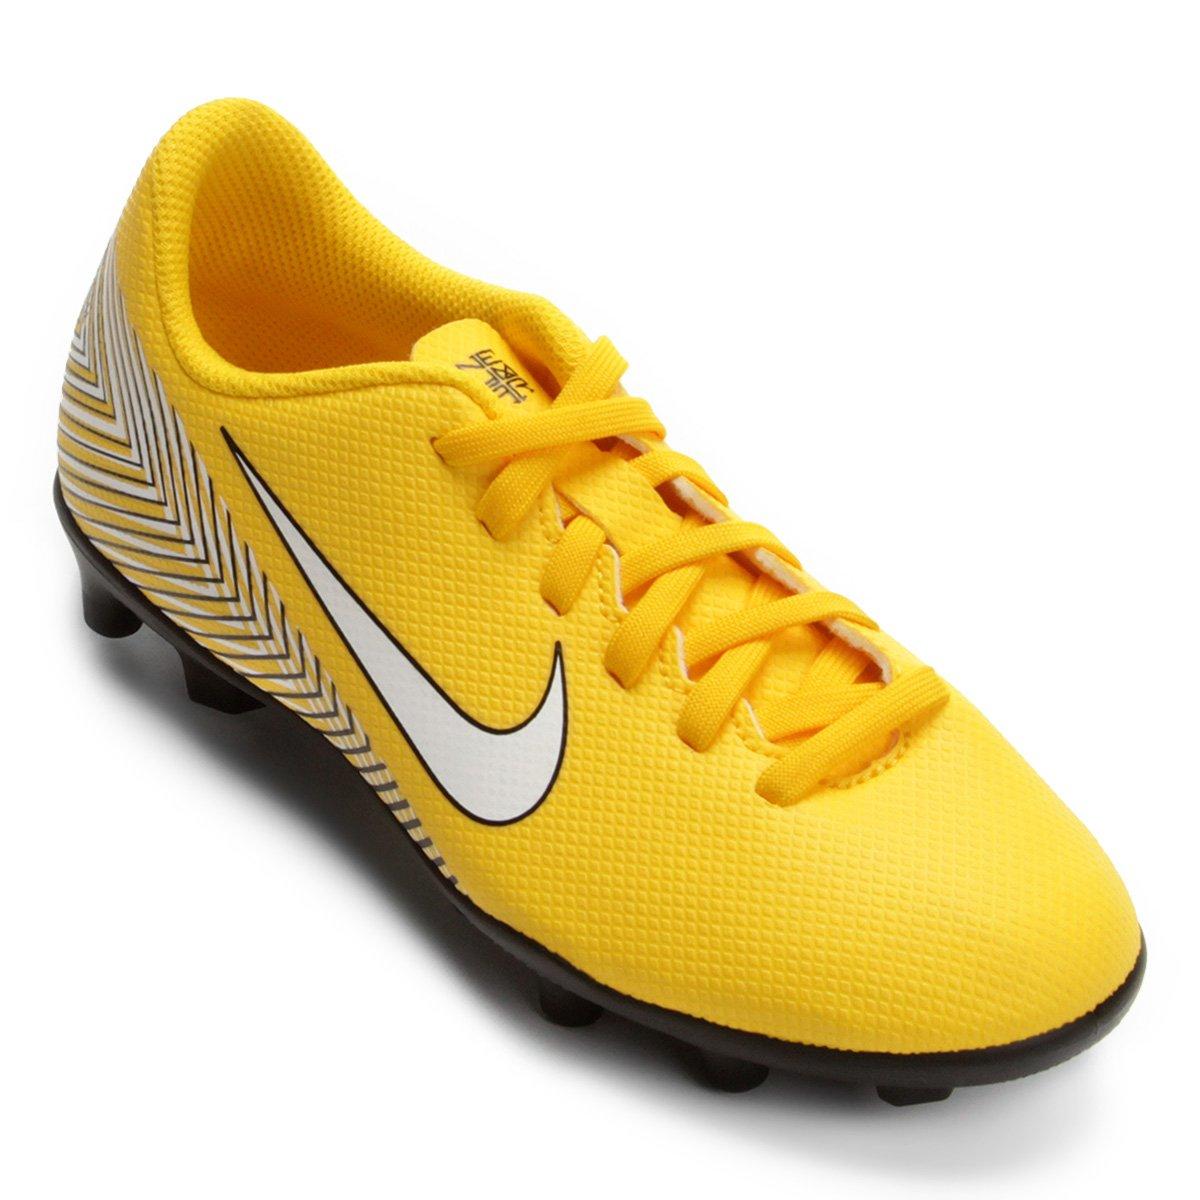 cc69e00cc Chuteira Campo Infantil Nike Mercurial Vapor 12 Club GS Neymar FG - Amarelo  e Preto